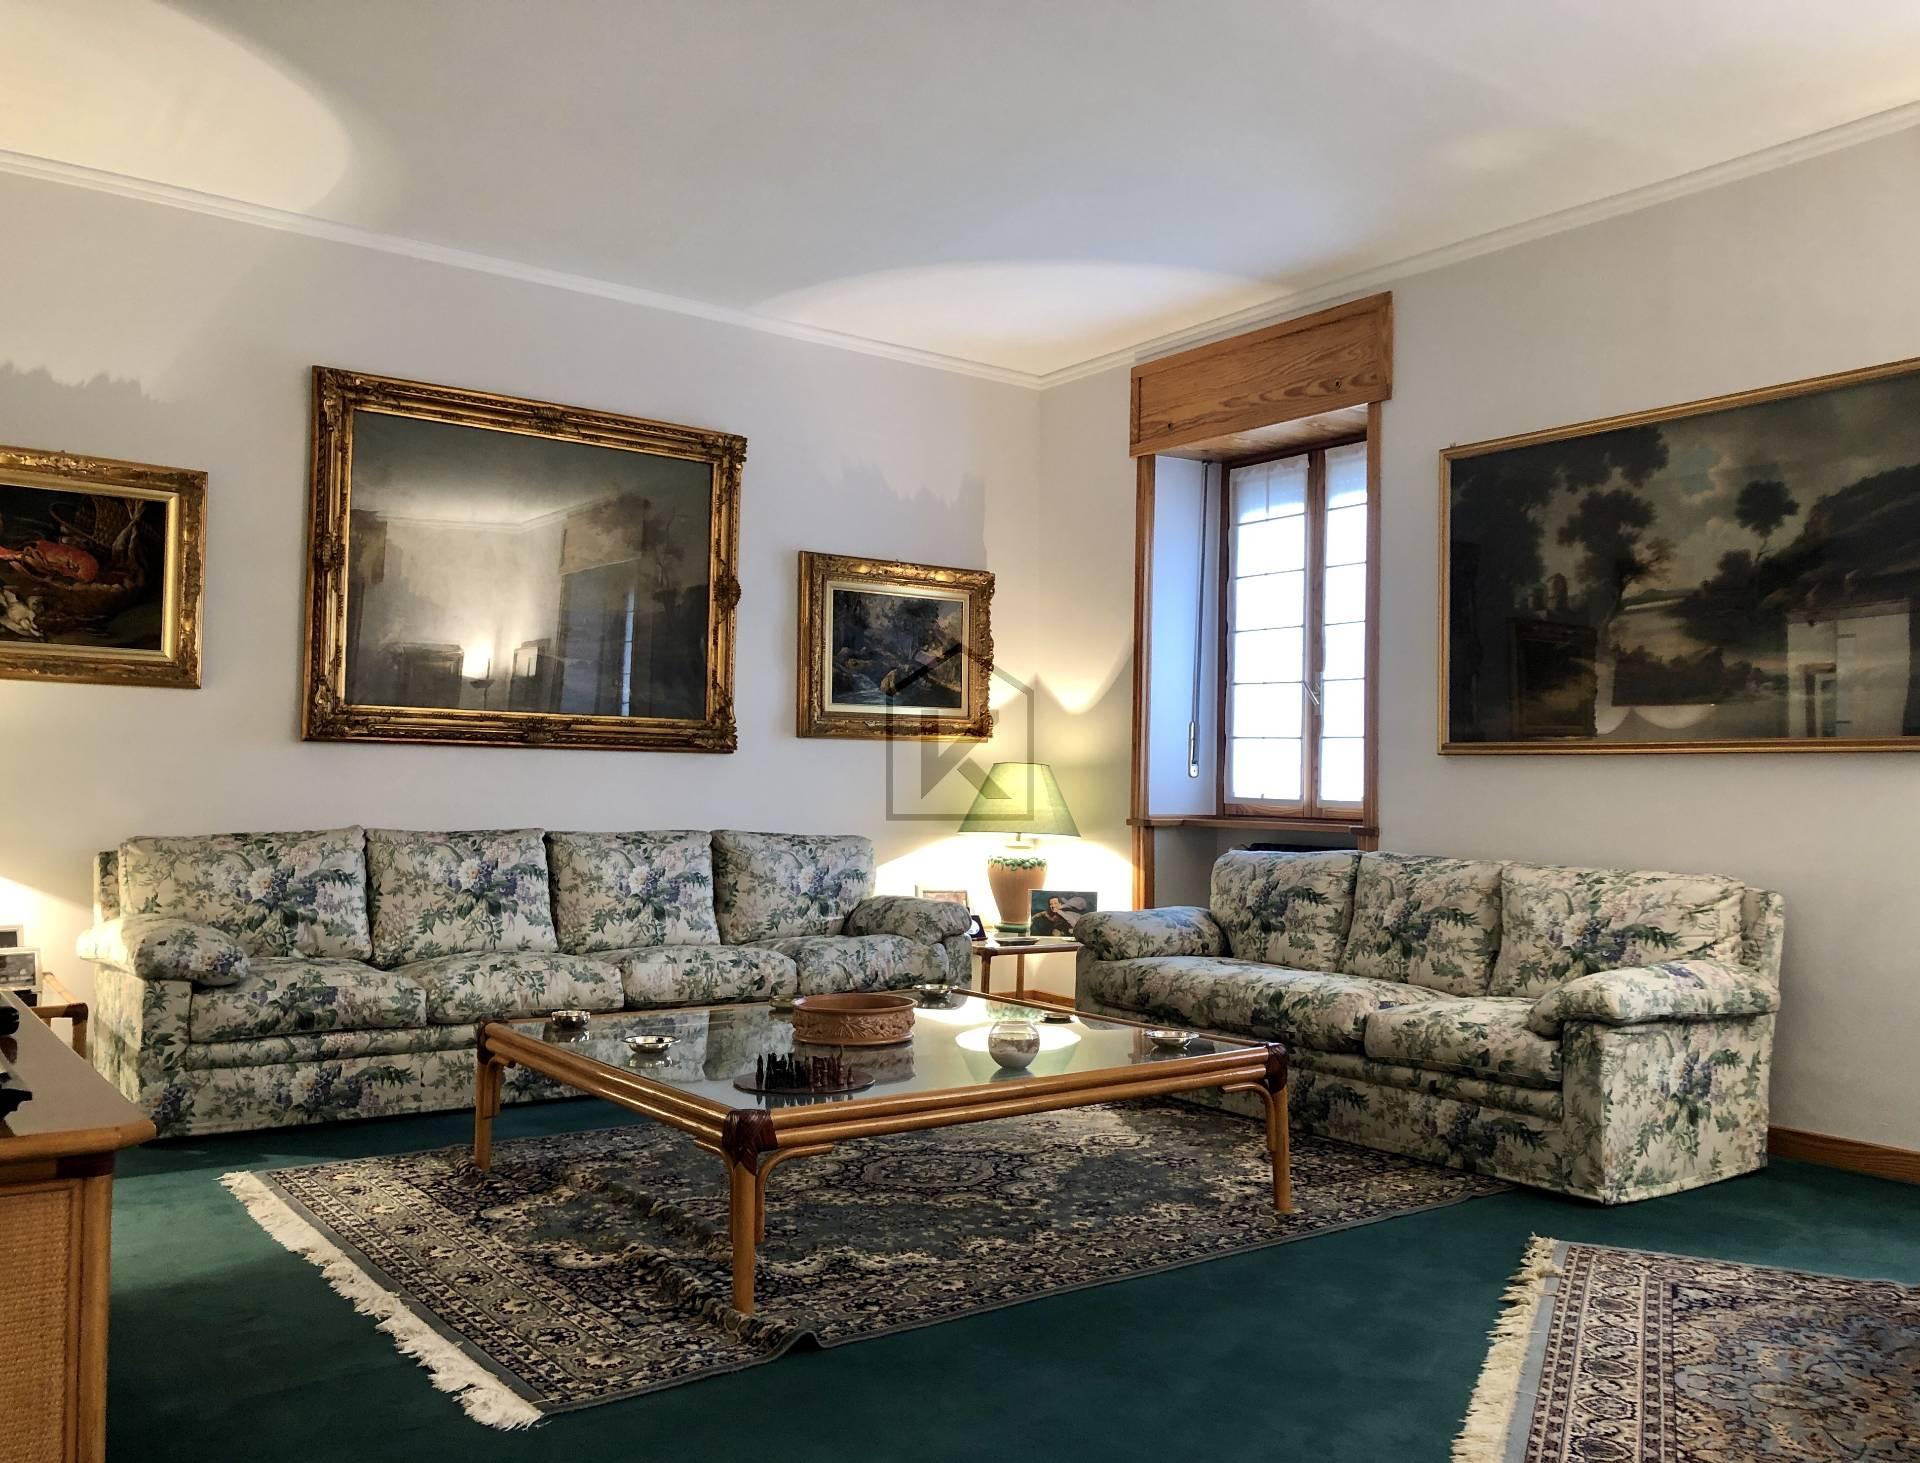 Appartamento in Vendita a Milano 03 Venezia / Piave / Buenos Aires: 4 locali, 155 mq